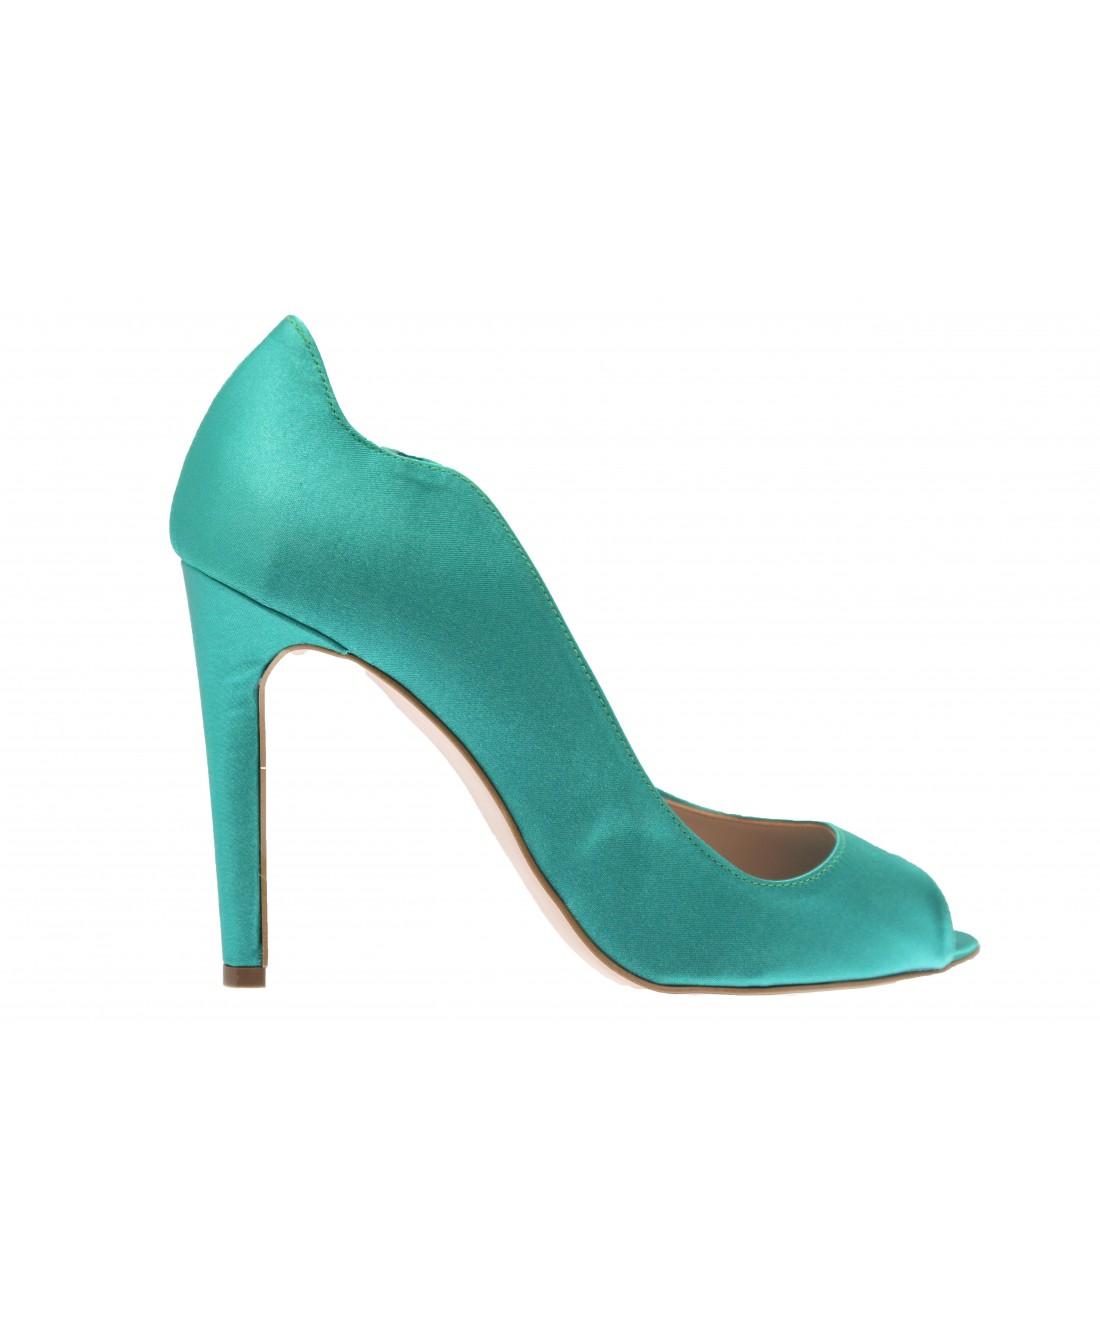 7d69275b7336a0 Féminité originale & coloré OSMOSE Shoes: escarpin ajouré satin vert